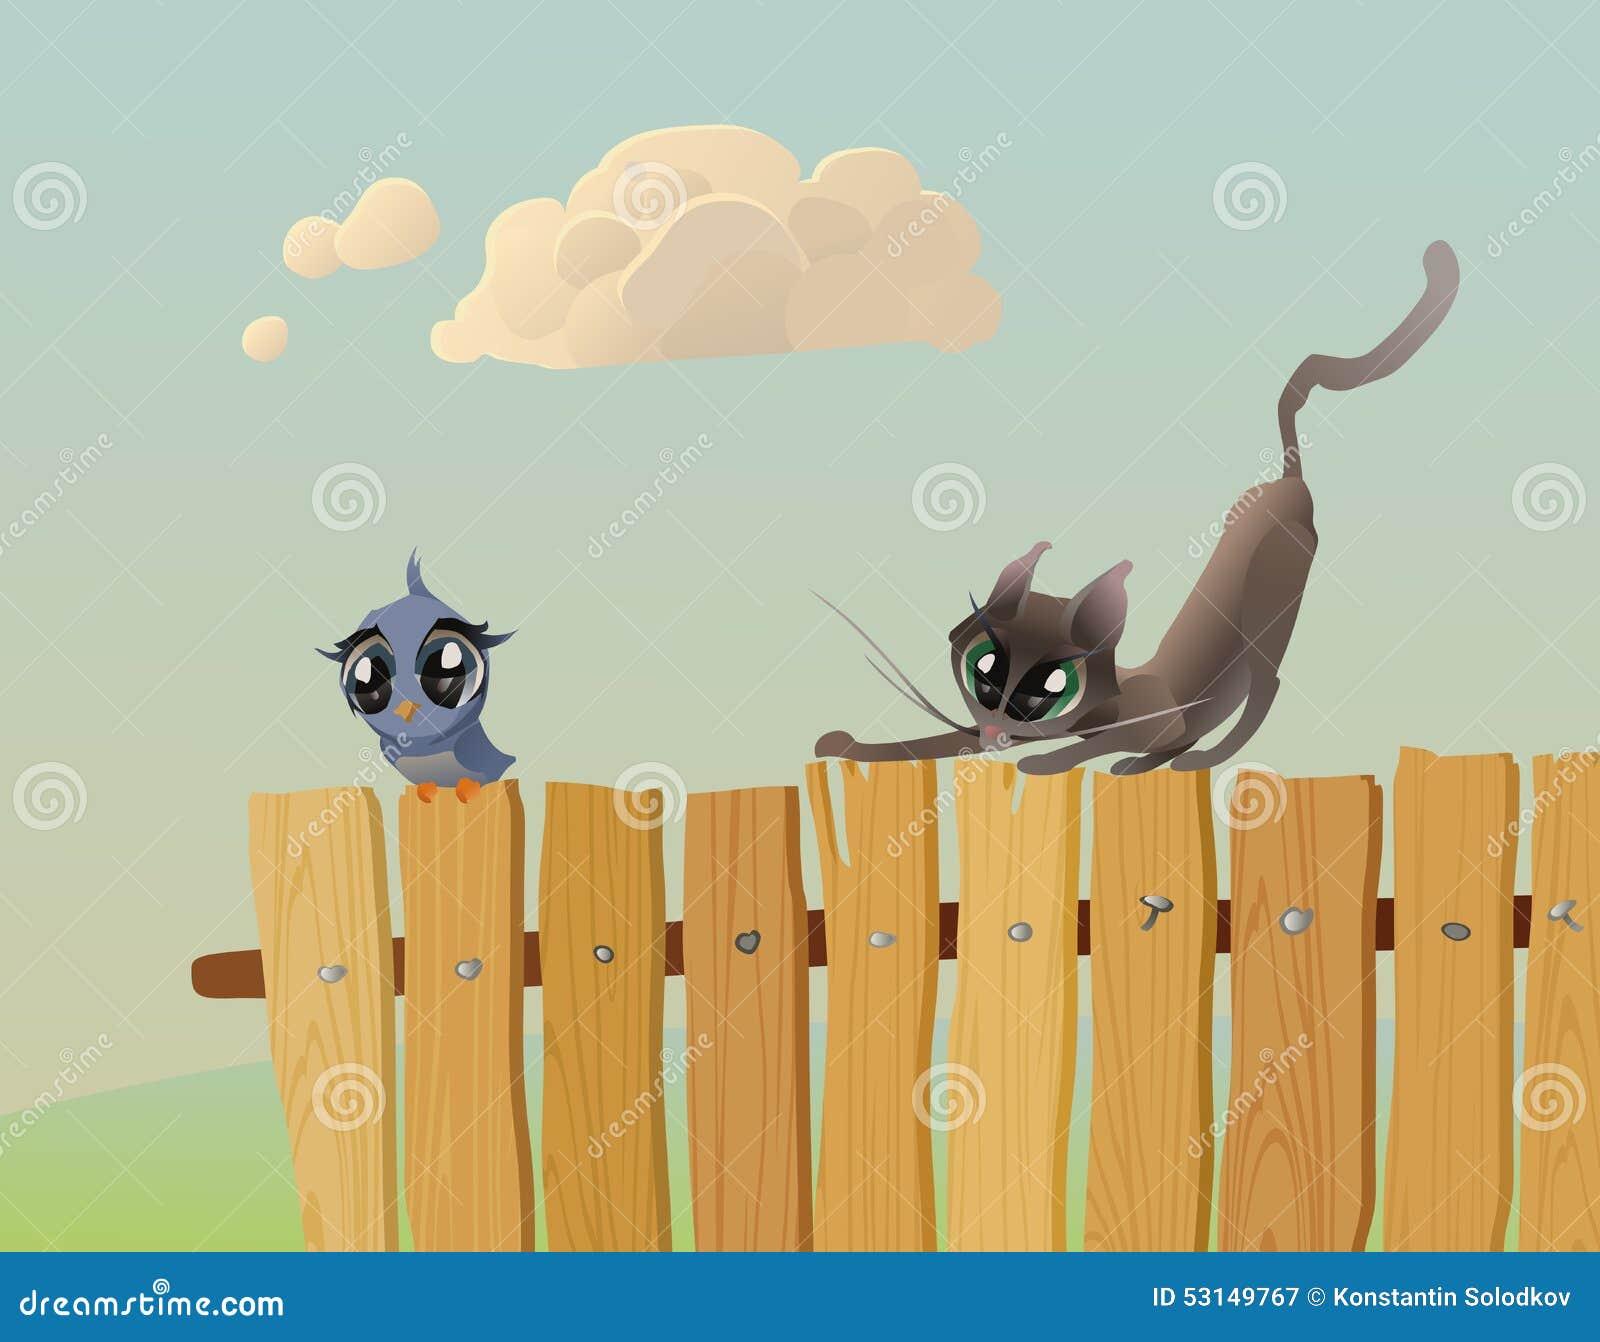 katze jagt einen vogel vektor abbildung bild von stimmung 53149767. Black Bedroom Furniture Sets. Home Design Ideas